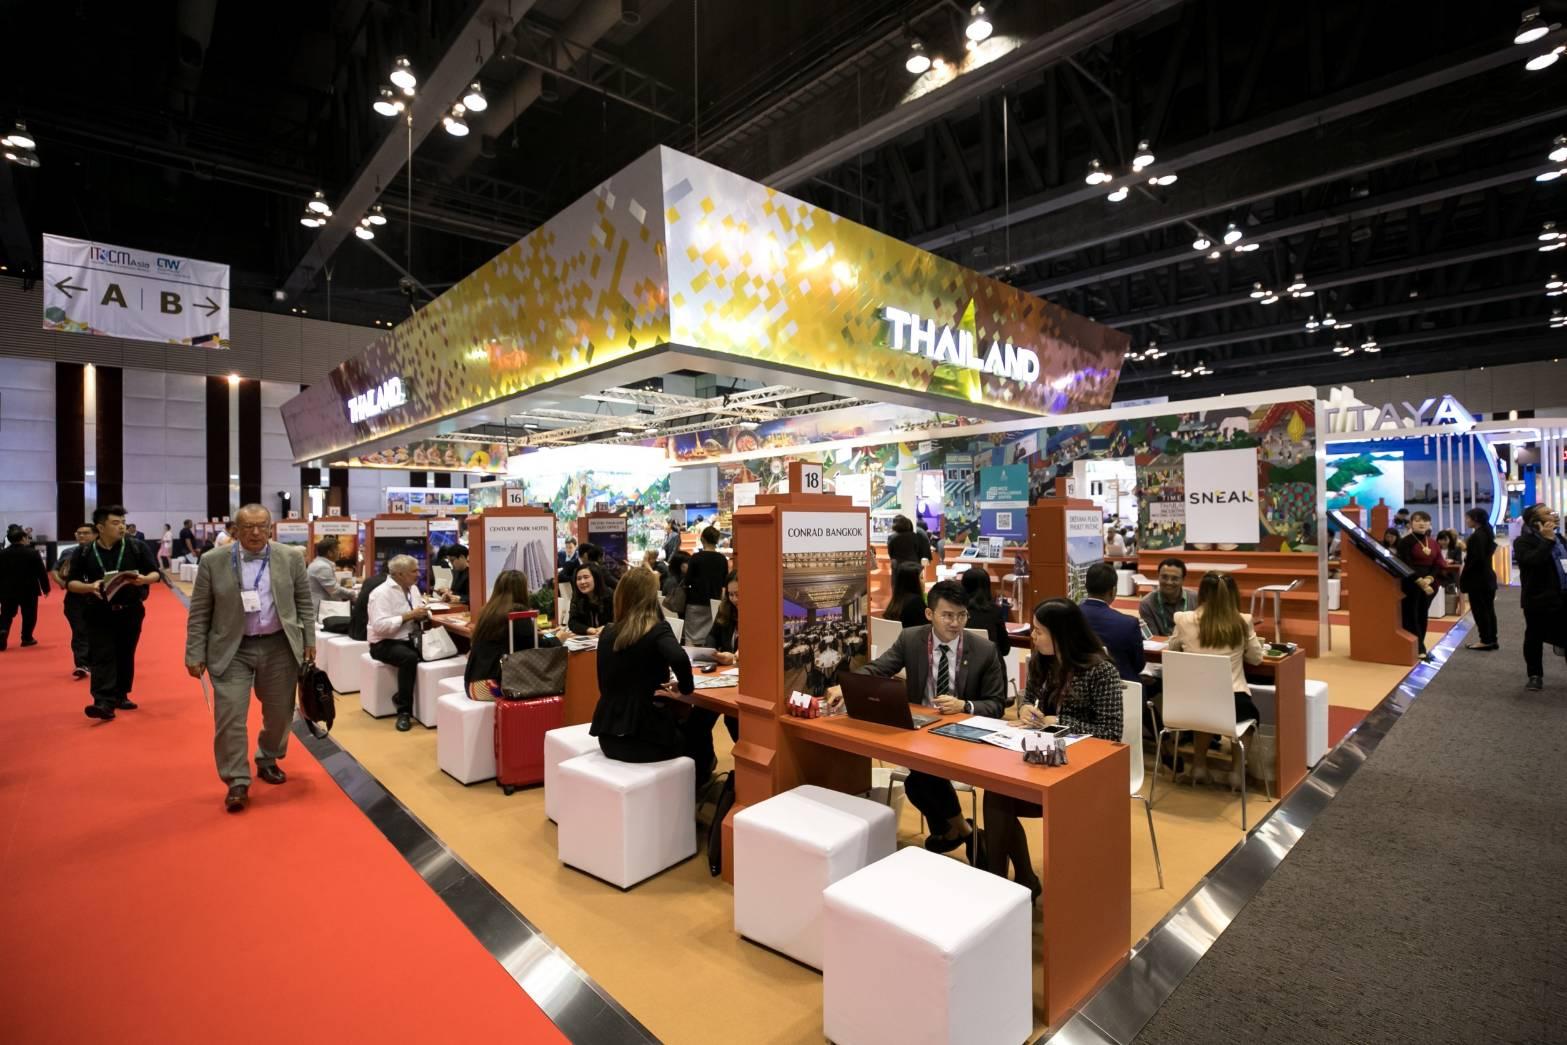 ทีเส็บชู 4Ms ในตลาดไมซ์โลก